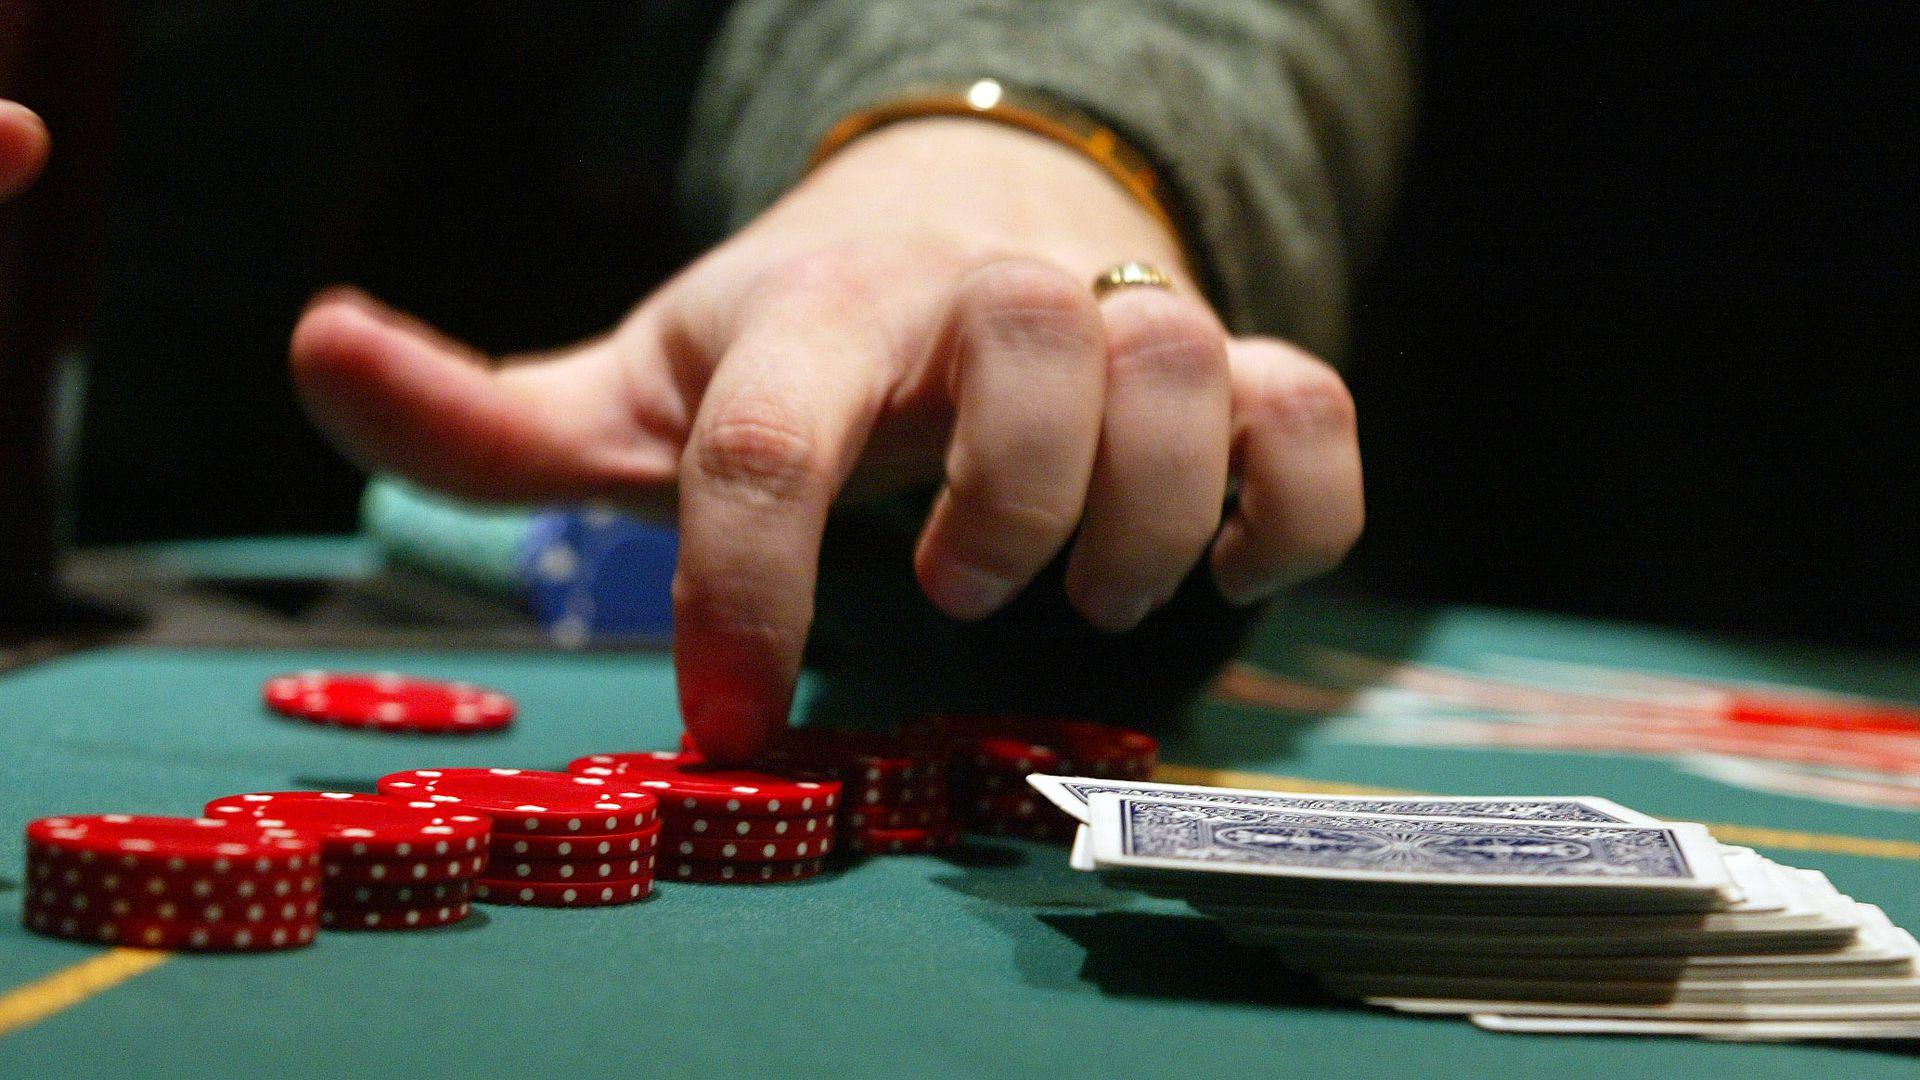 올림픽에서 도박의 출현